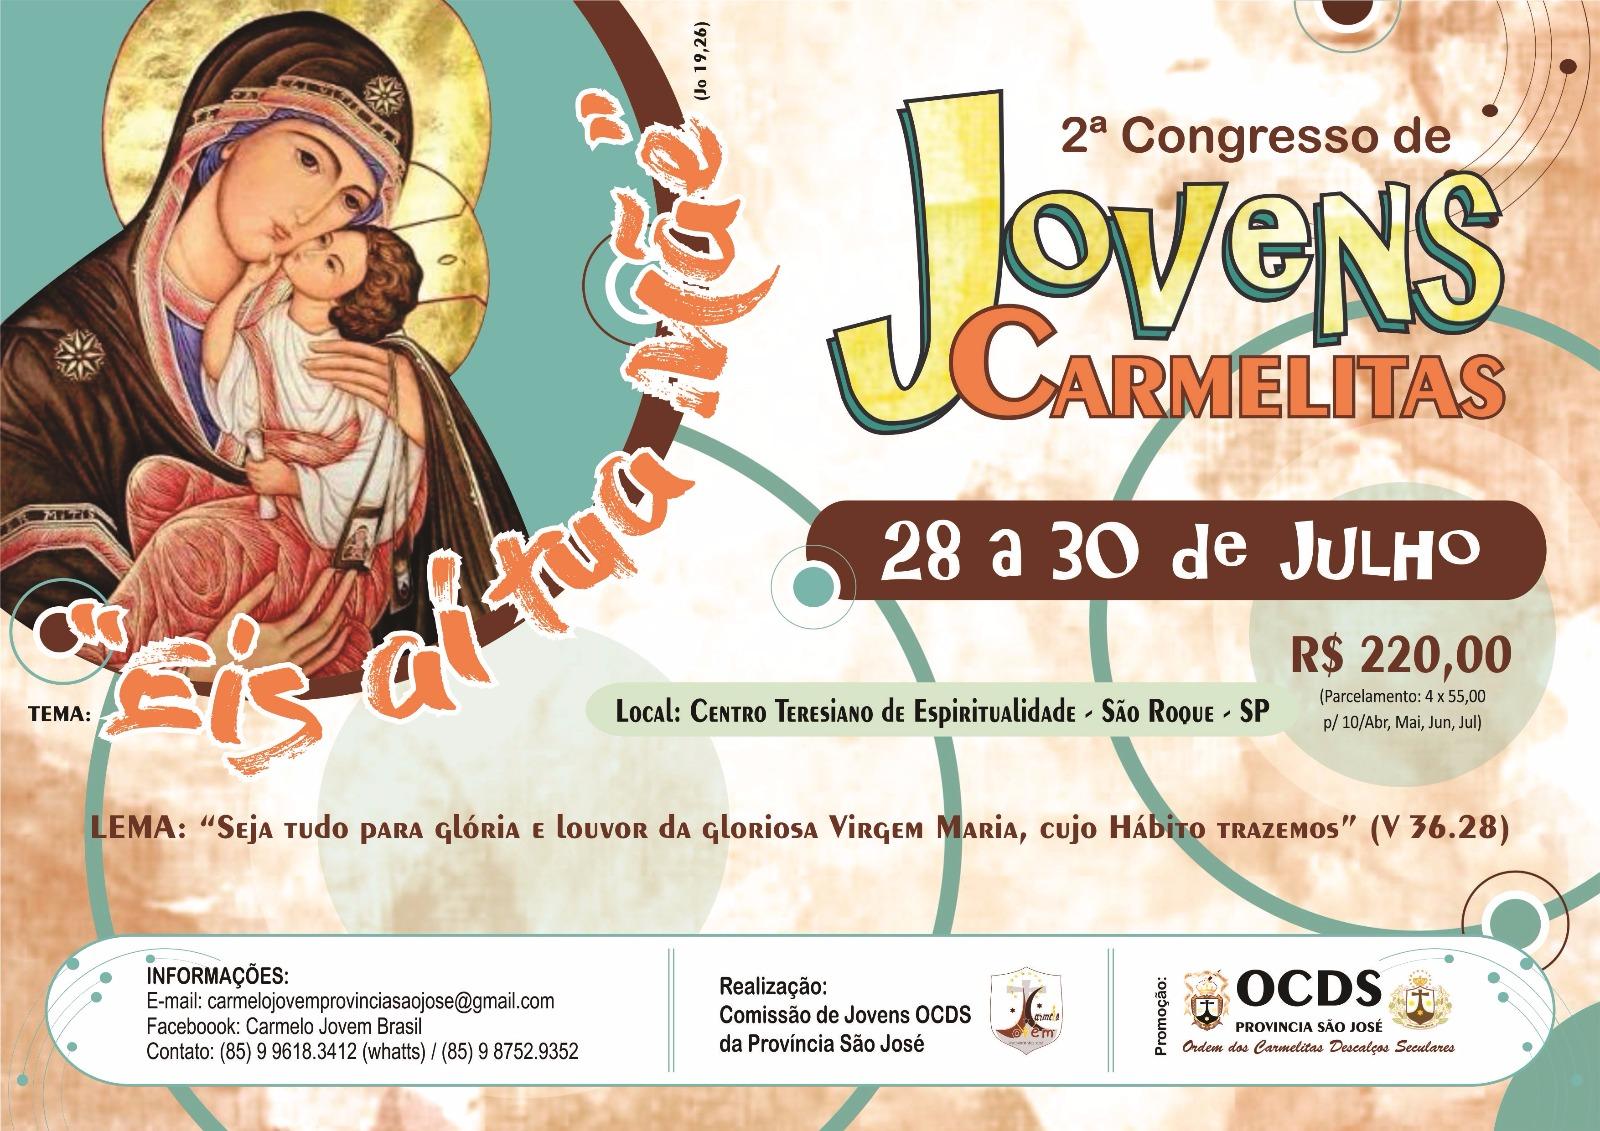 2º Congresso de Jovens Carmelitas